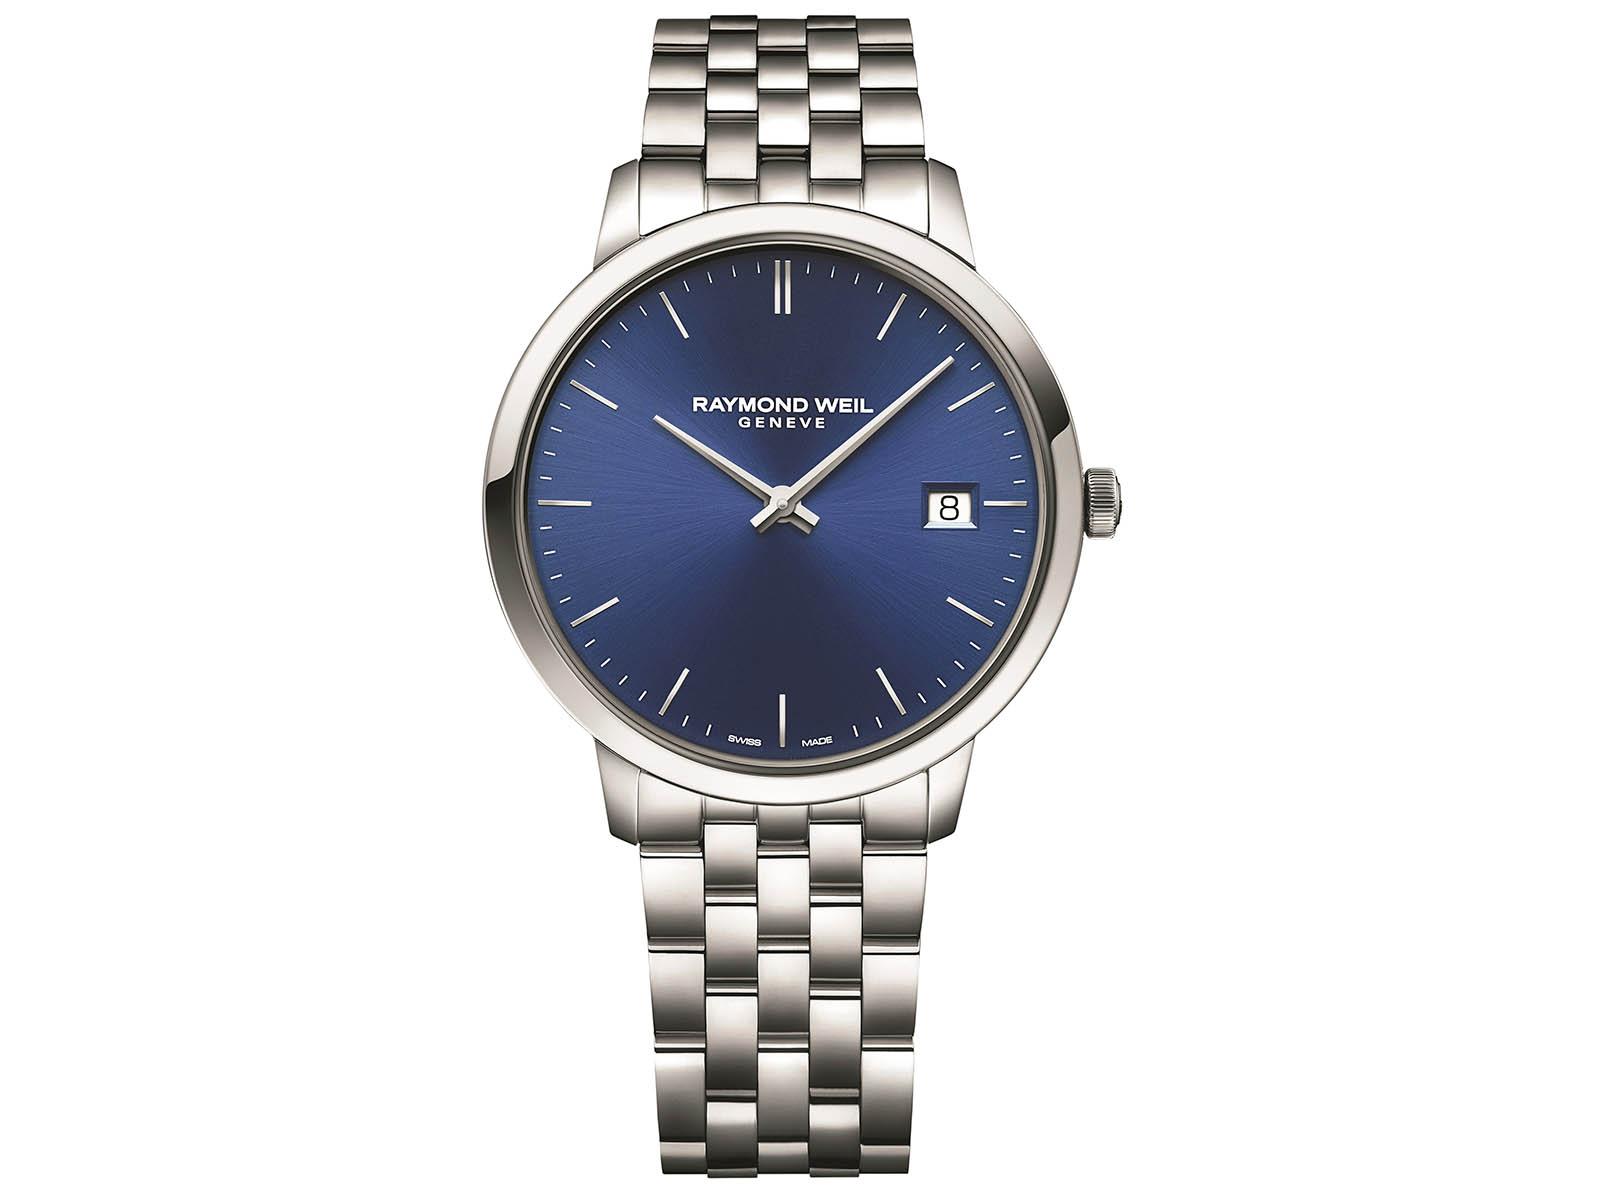 5585-st-50001-raymond-weil-toccata-blue-dial-1.jpg